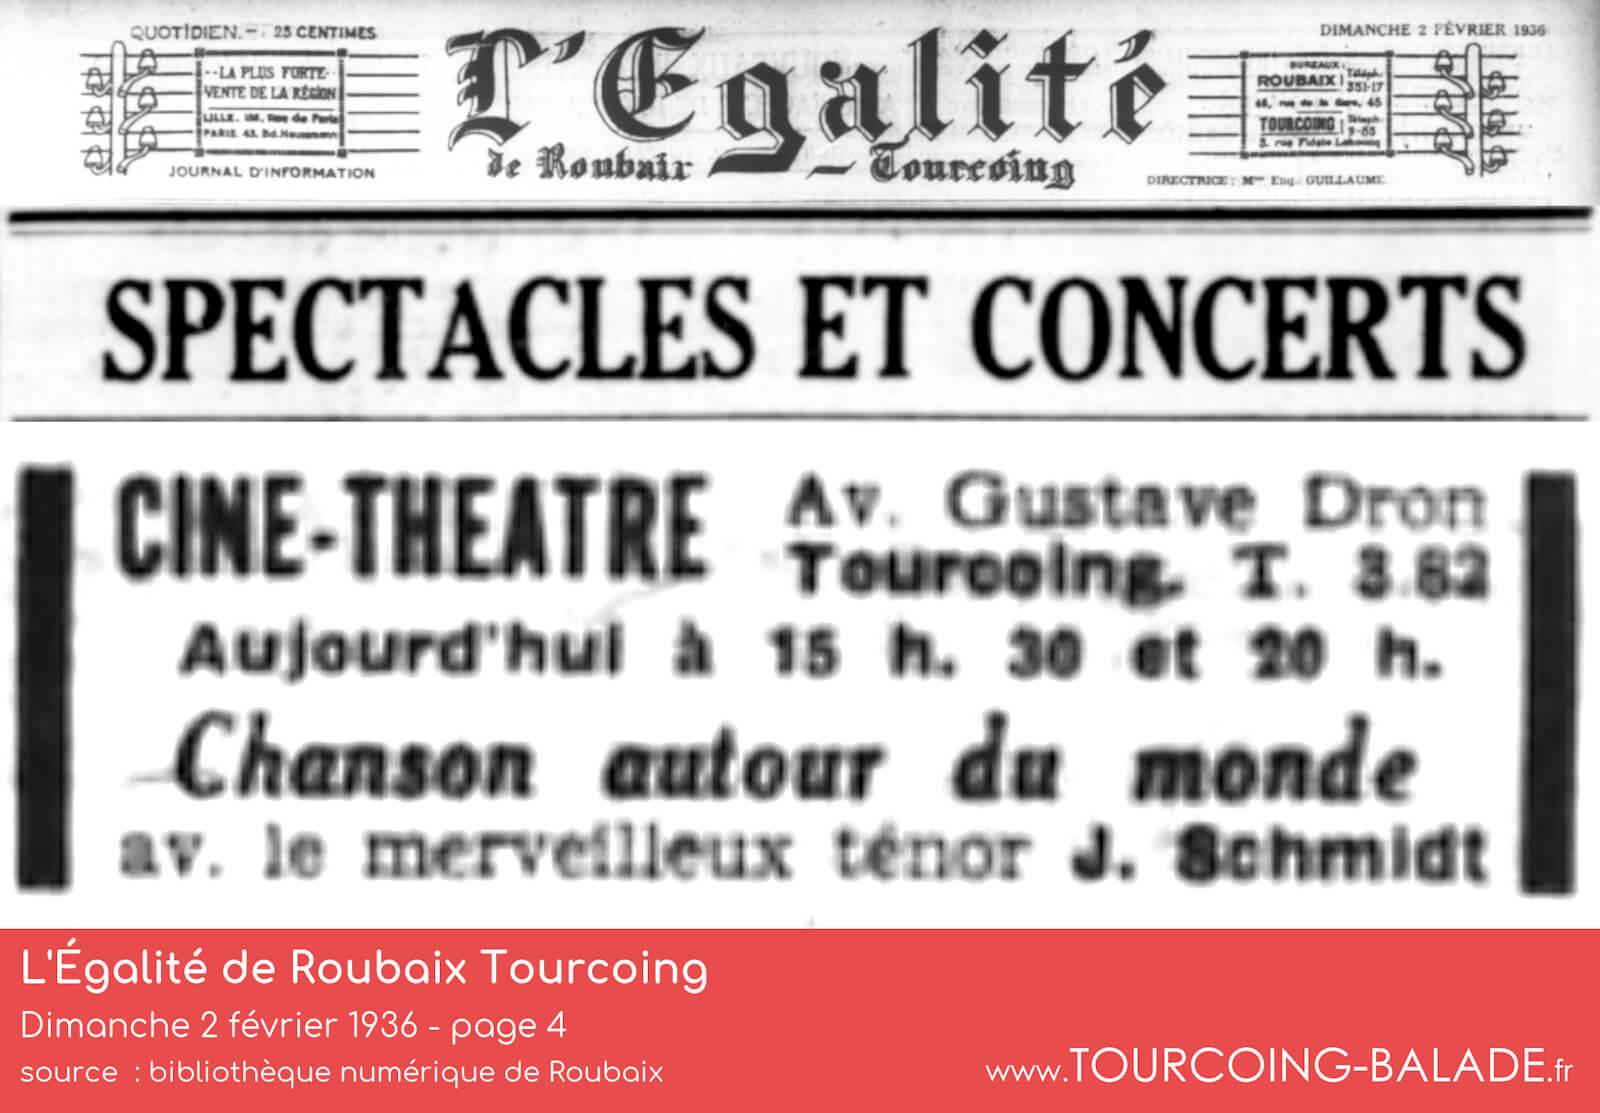 Ciné-Théâtre Concordia, Tourcoing